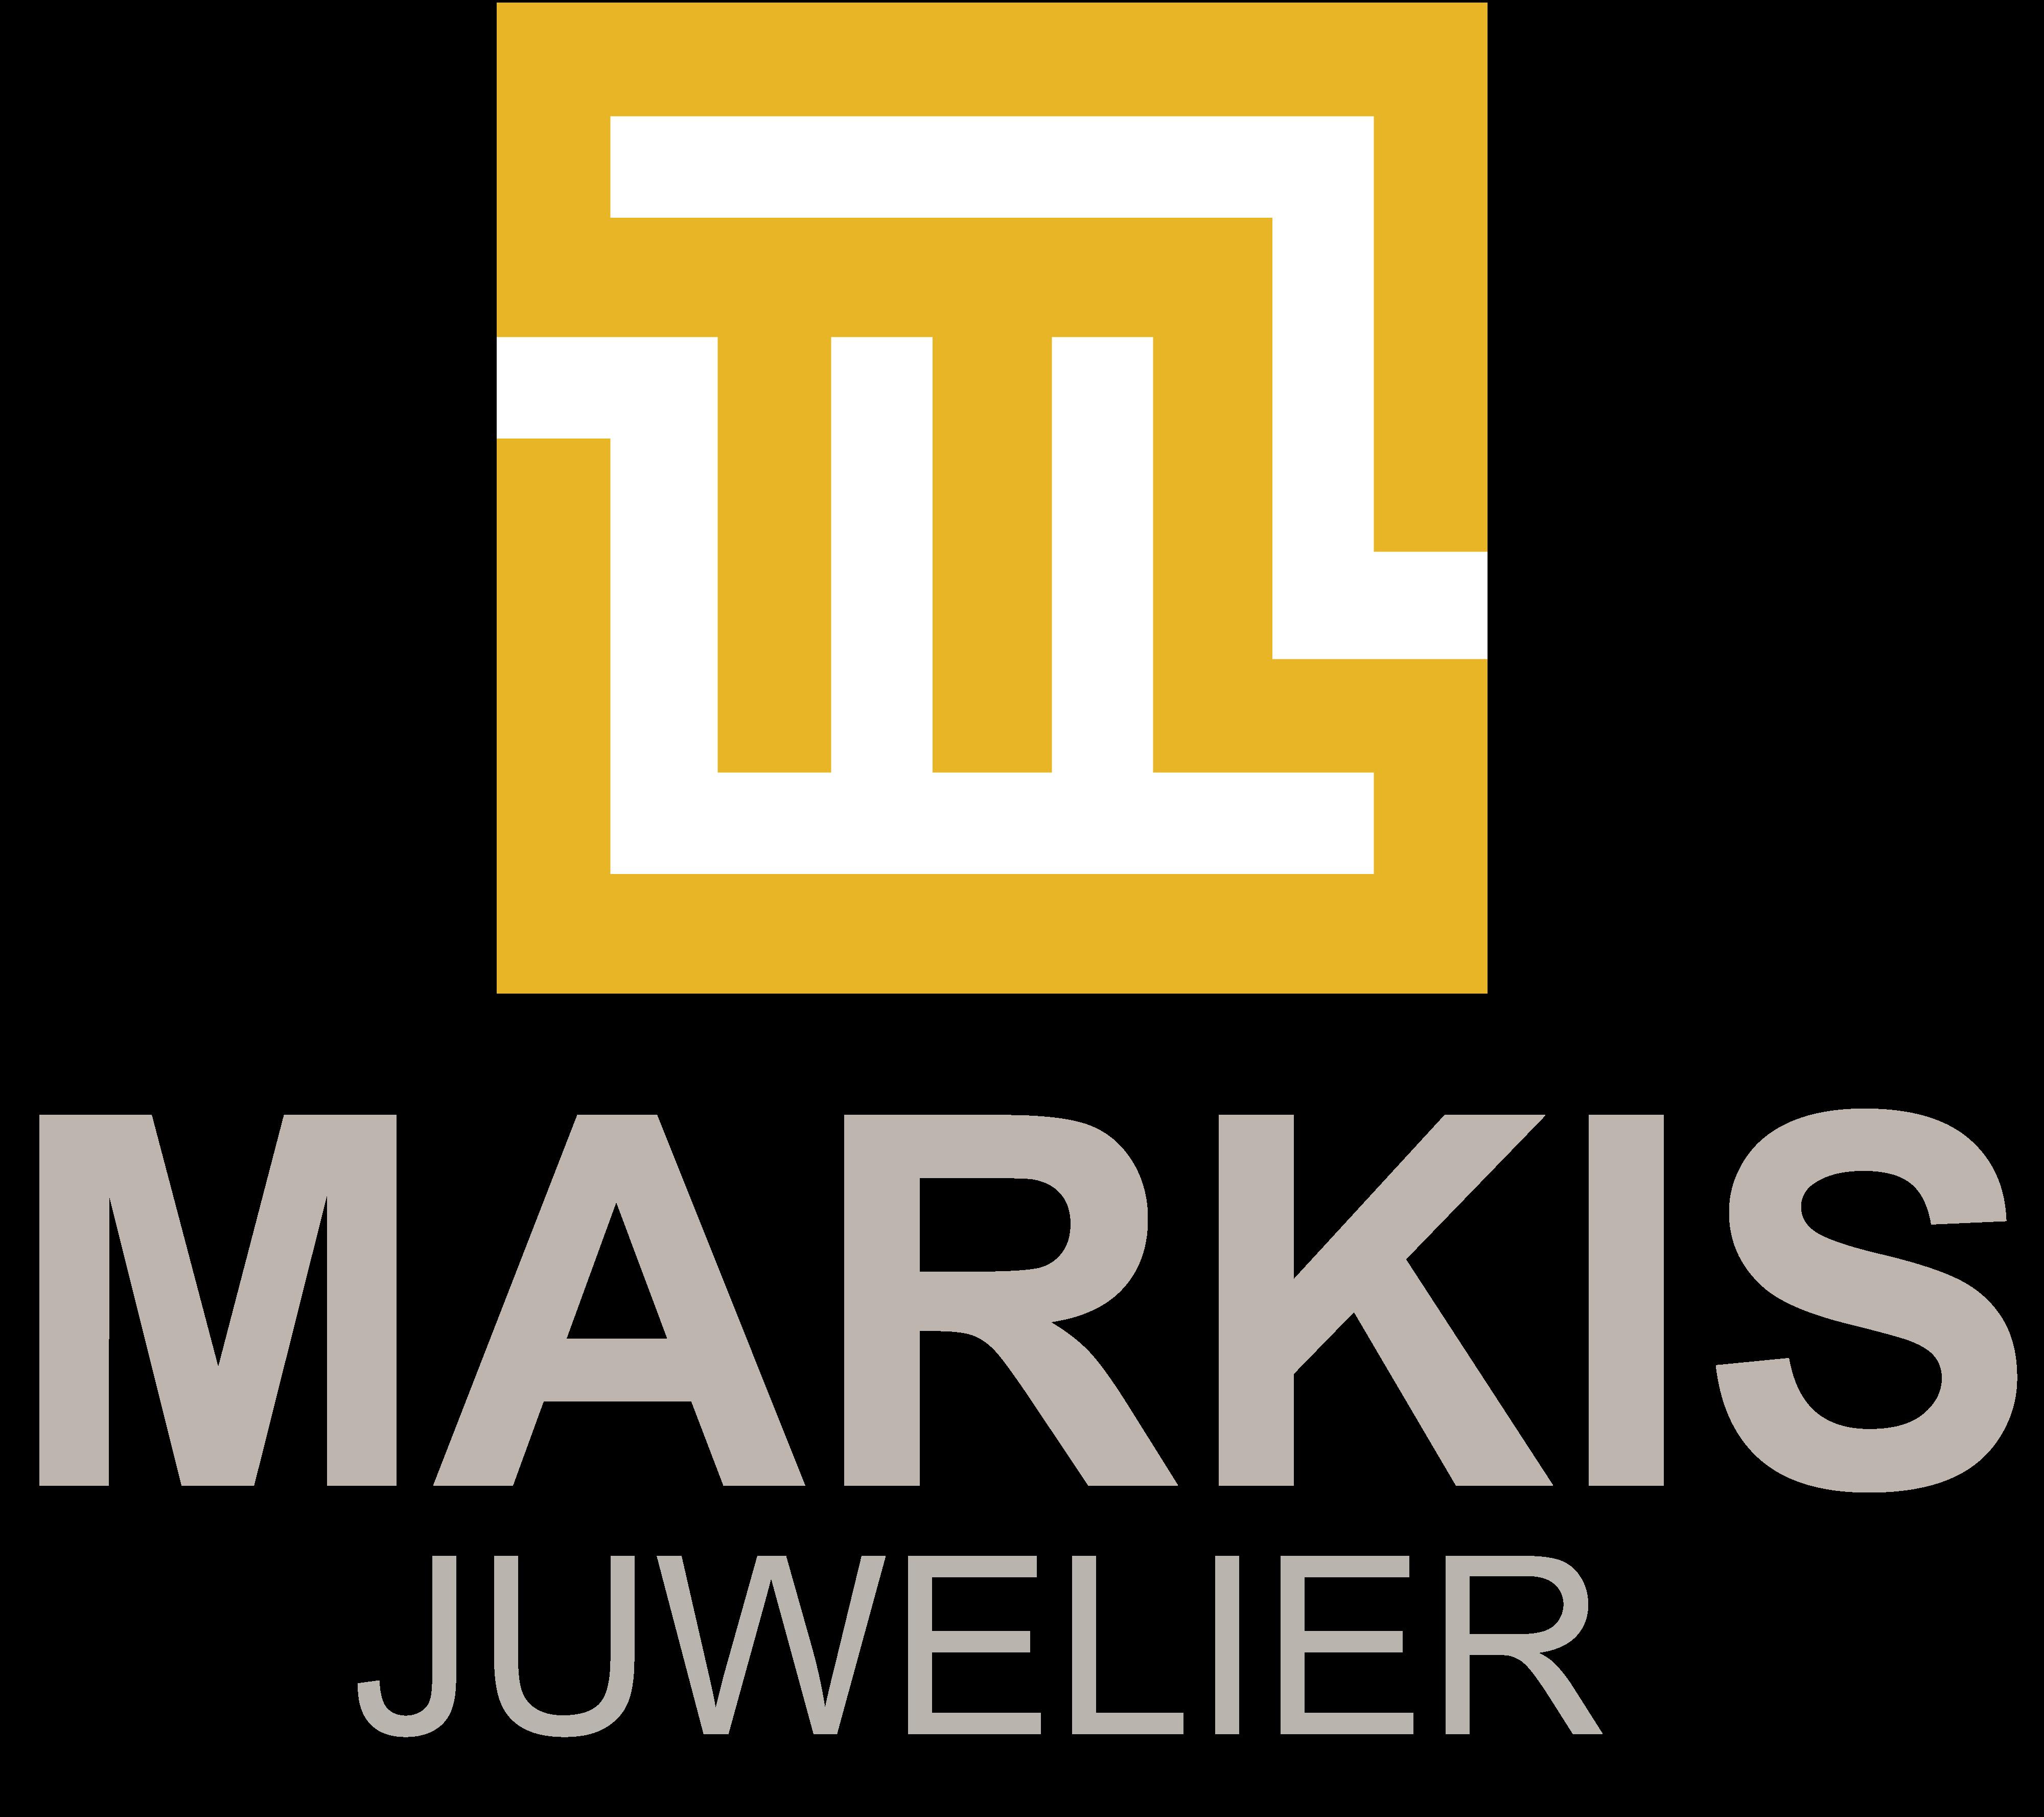 Markis Juwelier